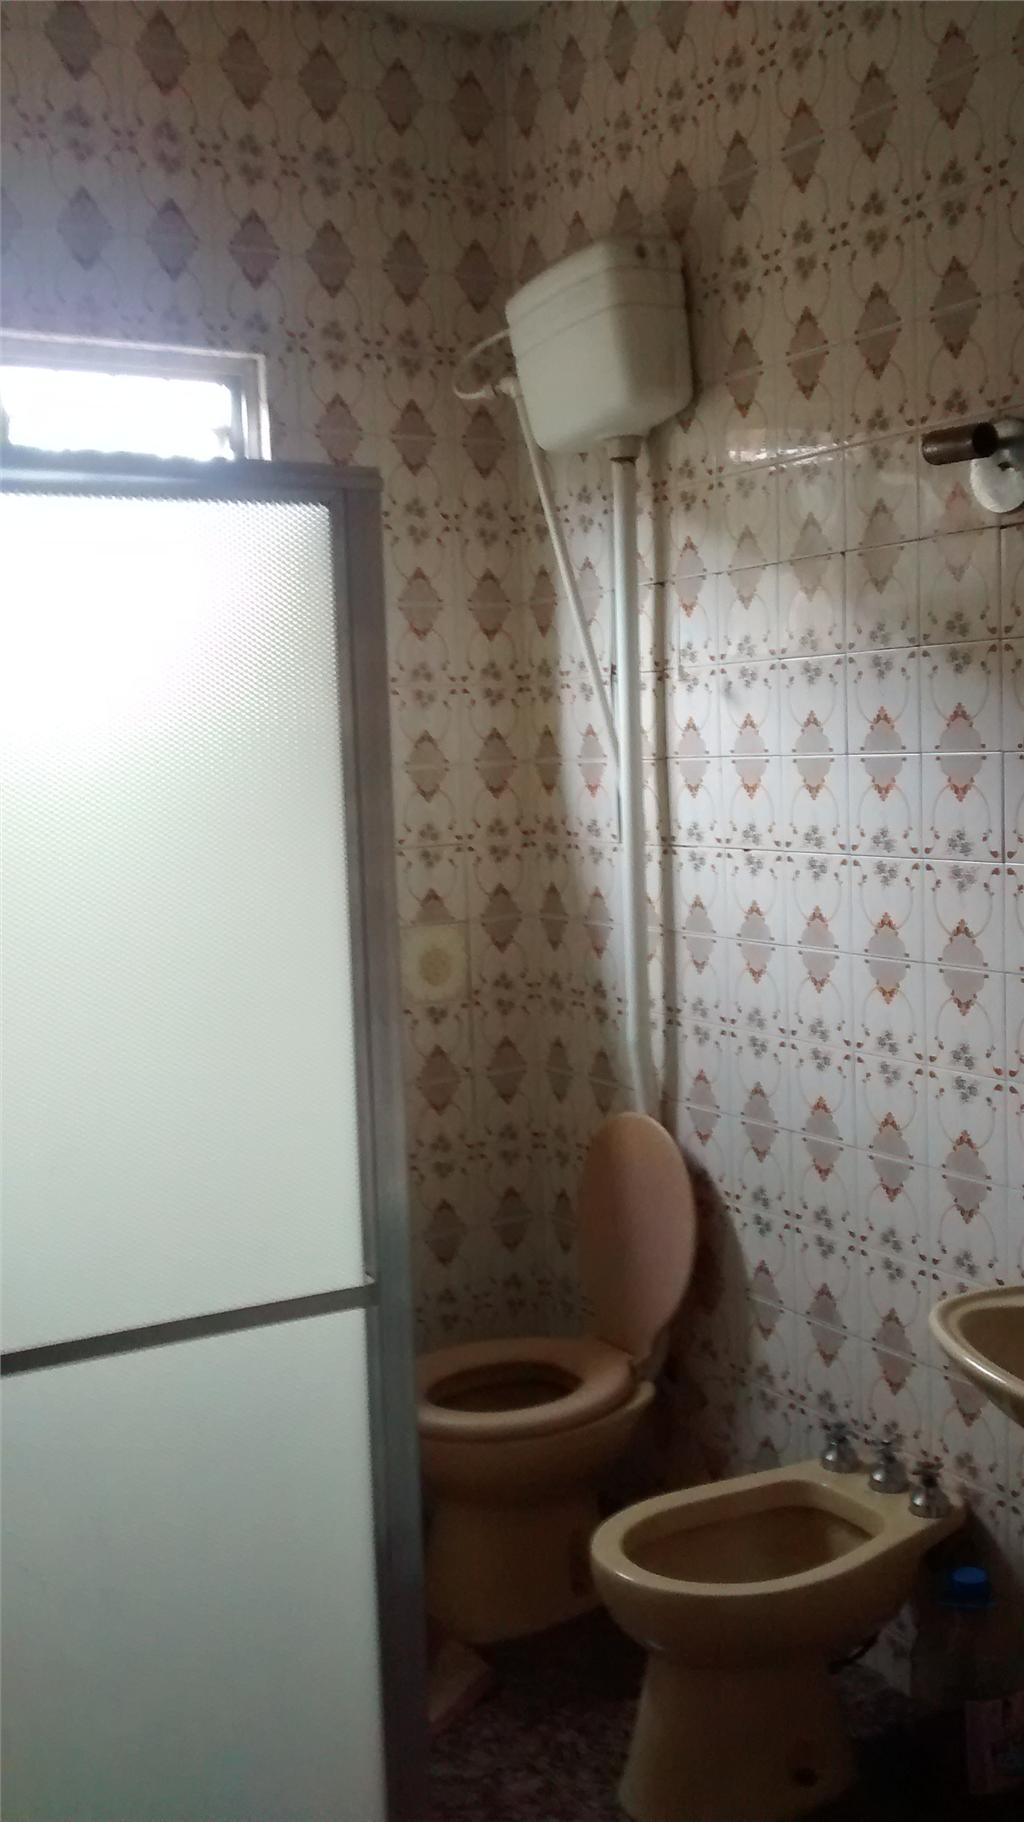 Casa em Parque Turf Club  -  Campos dos Goytacazes - RJ